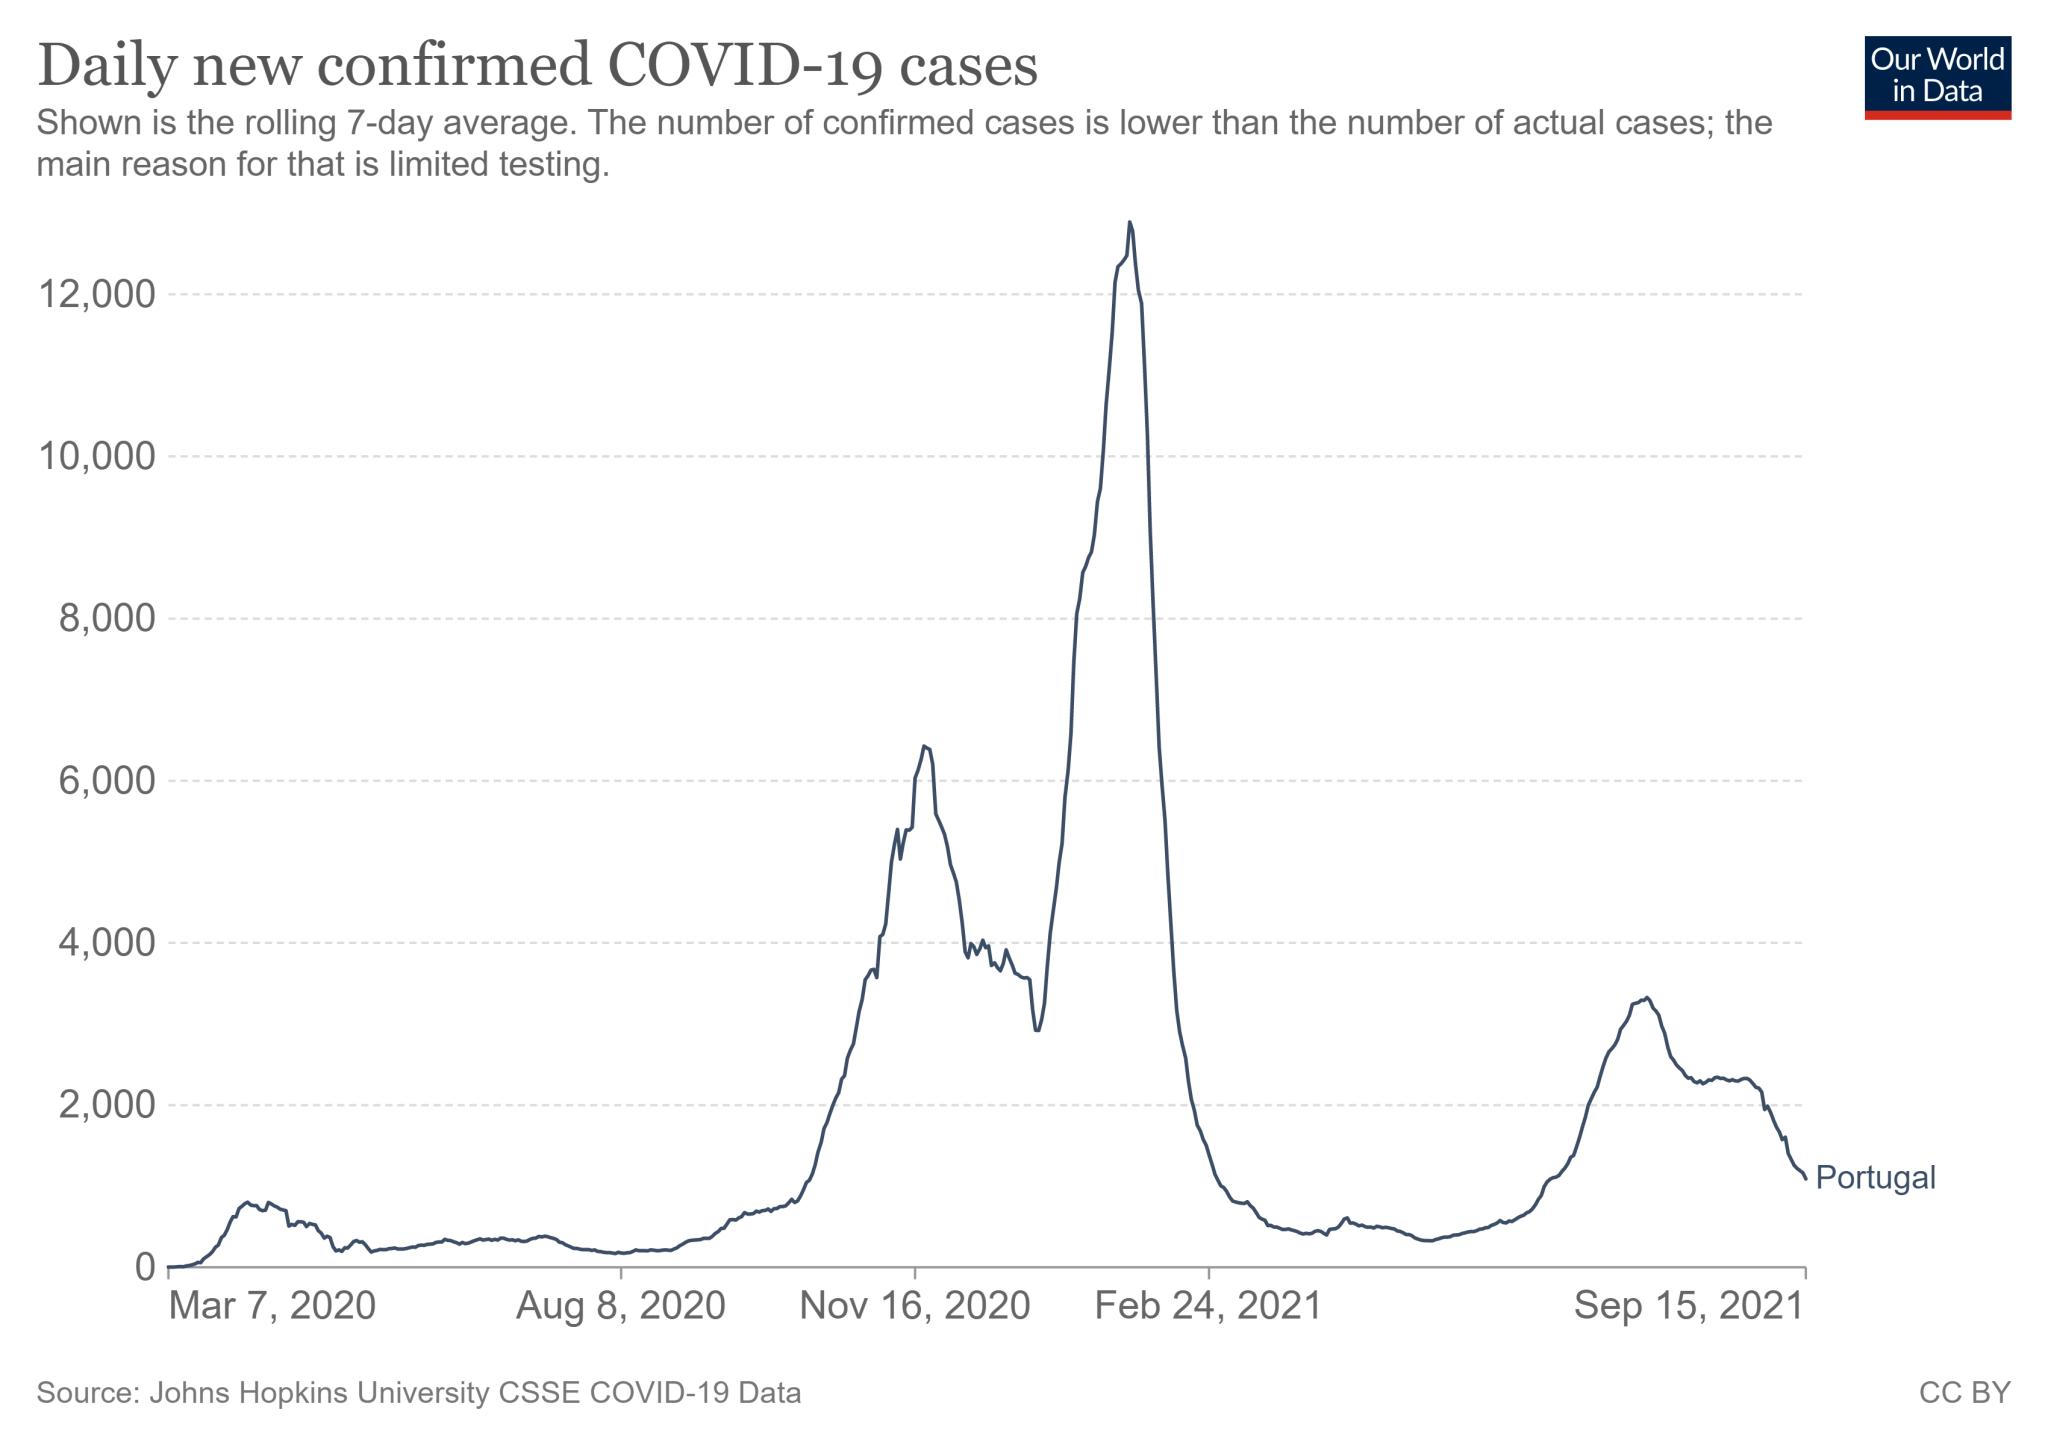 Wykres średniej siedmiodniowej liczby zakażań COVID-19 w Portugalii od 7 marca 2020 roku do 15 września 2021 roku